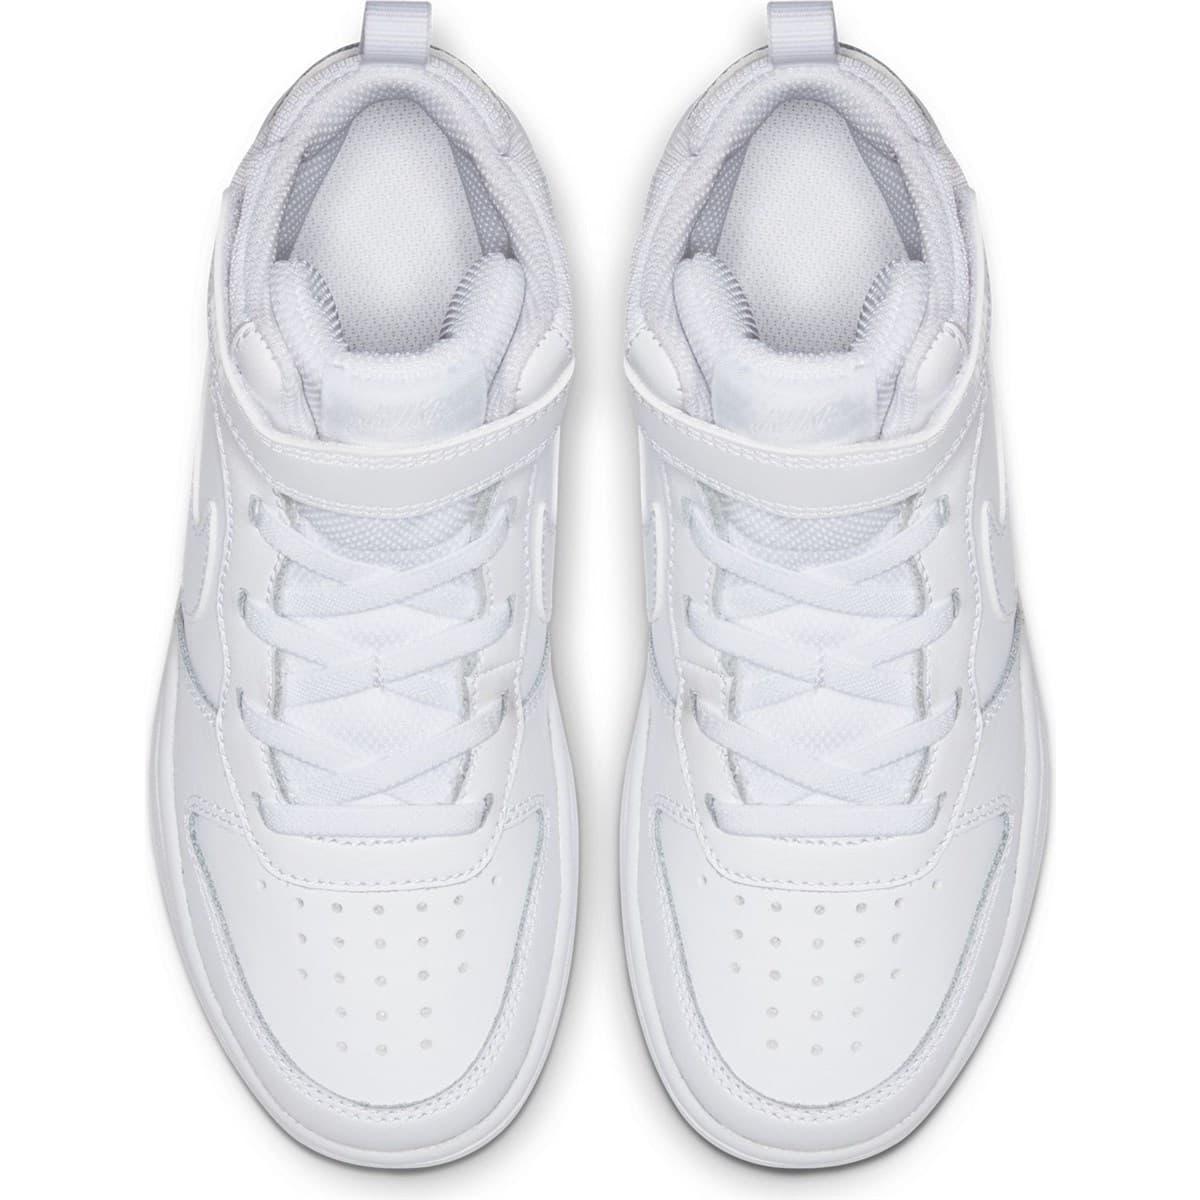 Court Borough Mid 2 Çocuk Beyaz Spor Ayakkabı (CD7783-100)